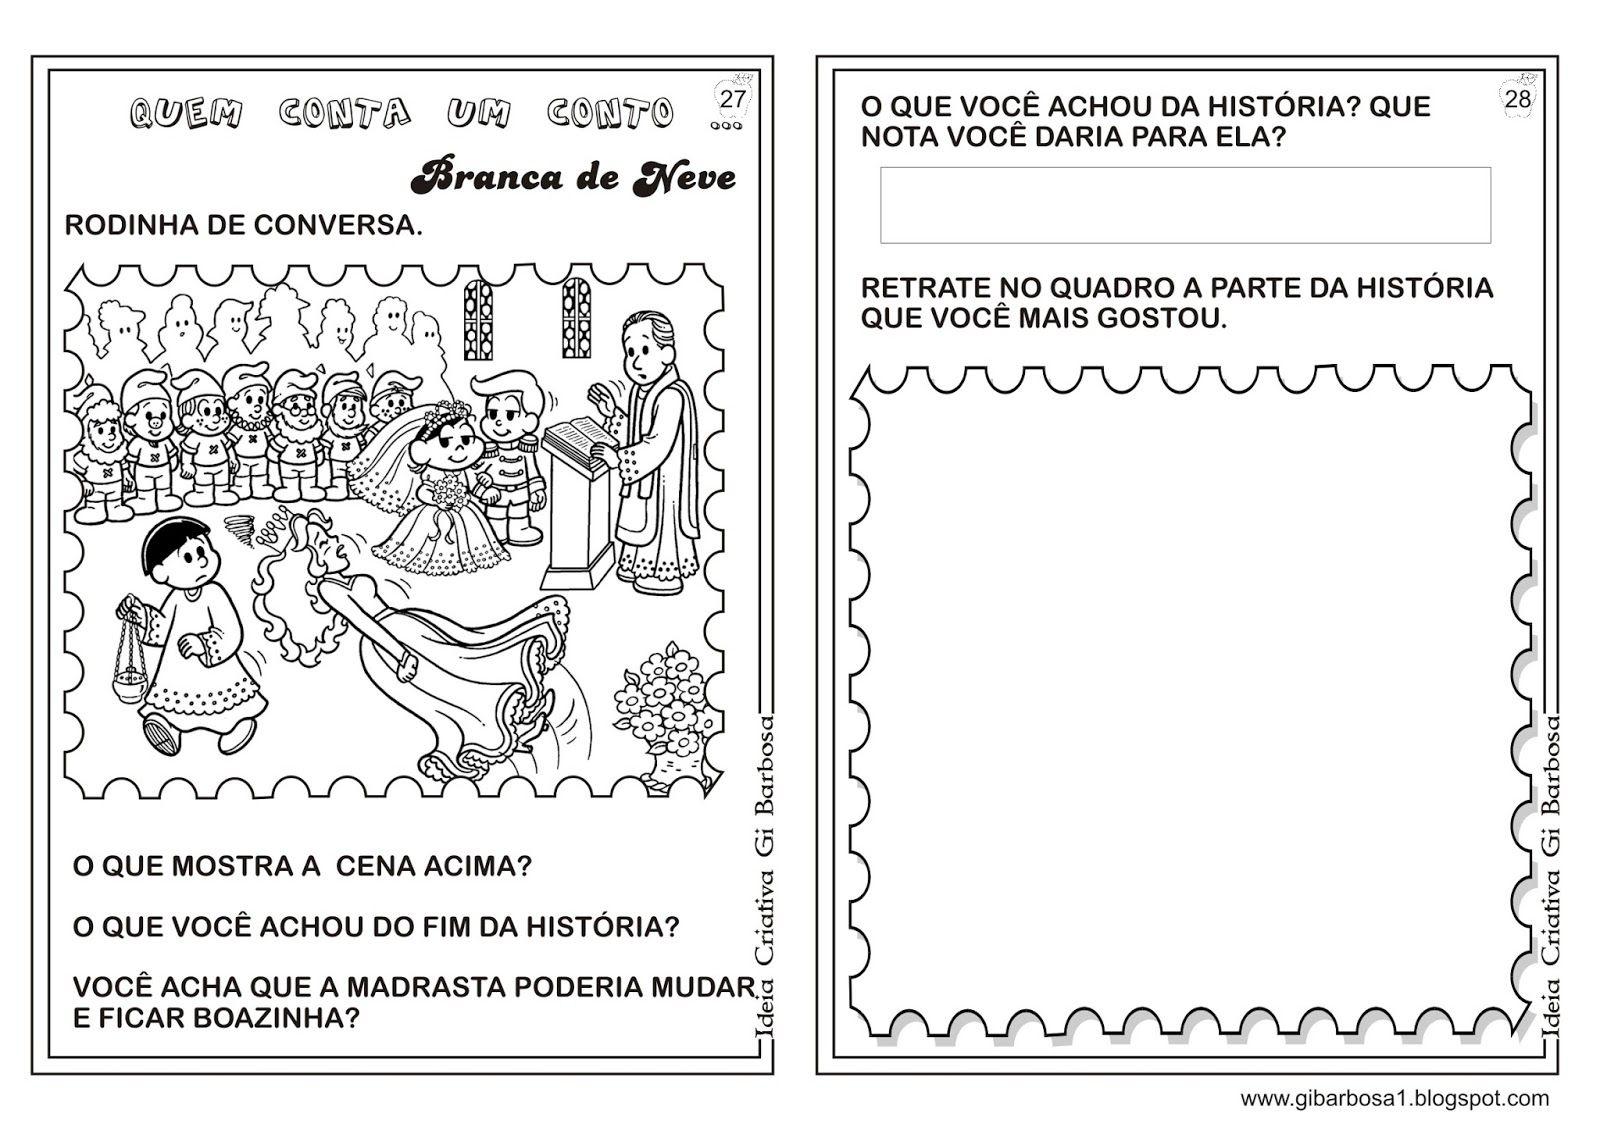 Pin De Simone Ramos Em Sequencia Branca De Neve Historia Branca